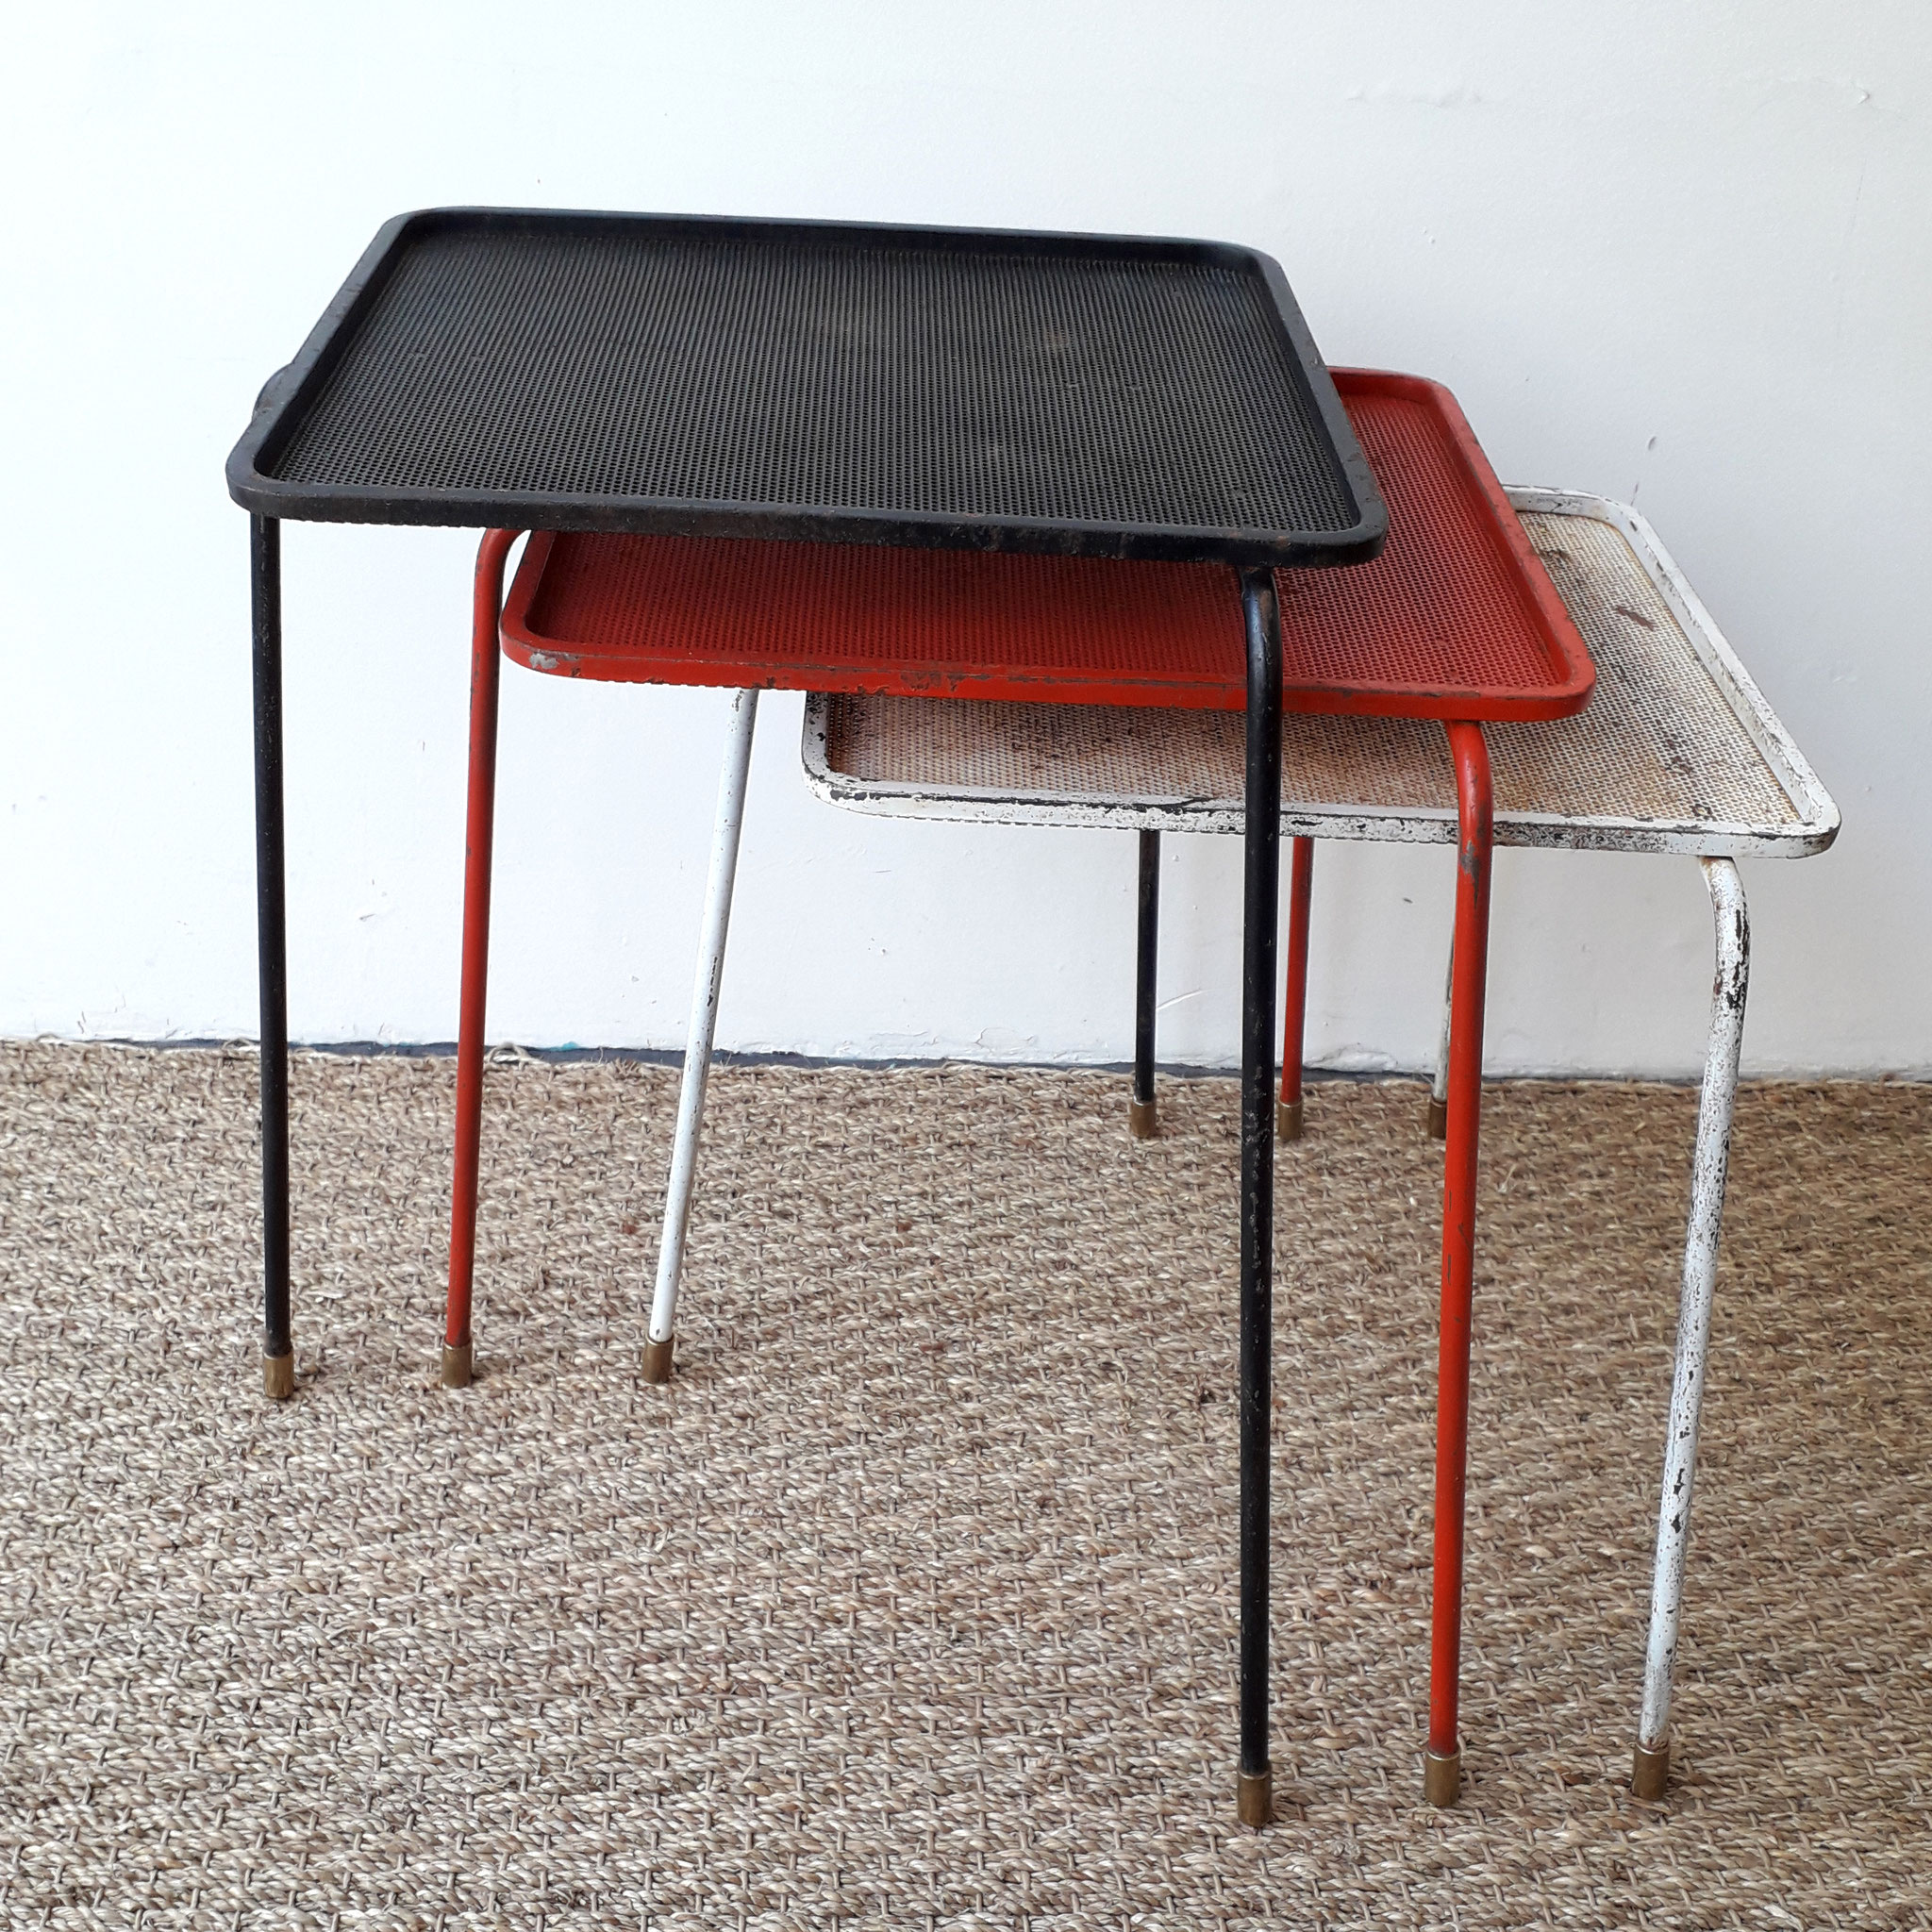 Suite de 3 tables gigognes Soumba, 1953